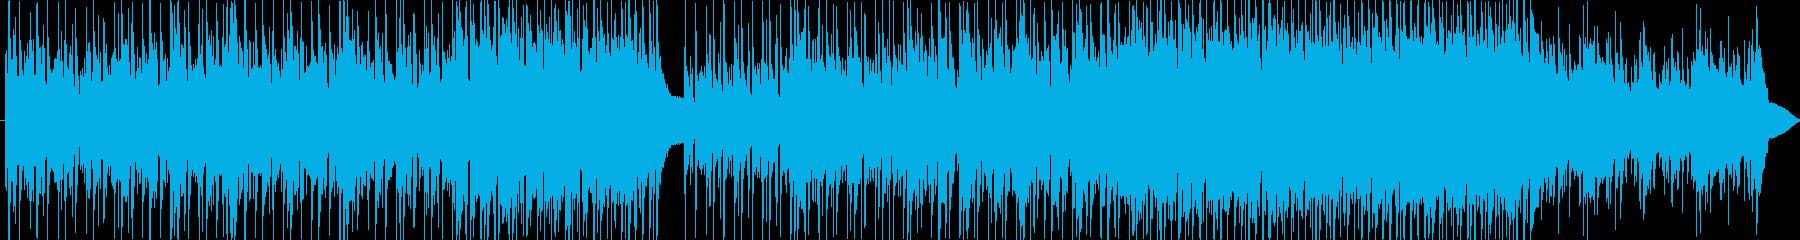 イージーリスニング サスペンス 説...の再生済みの波形